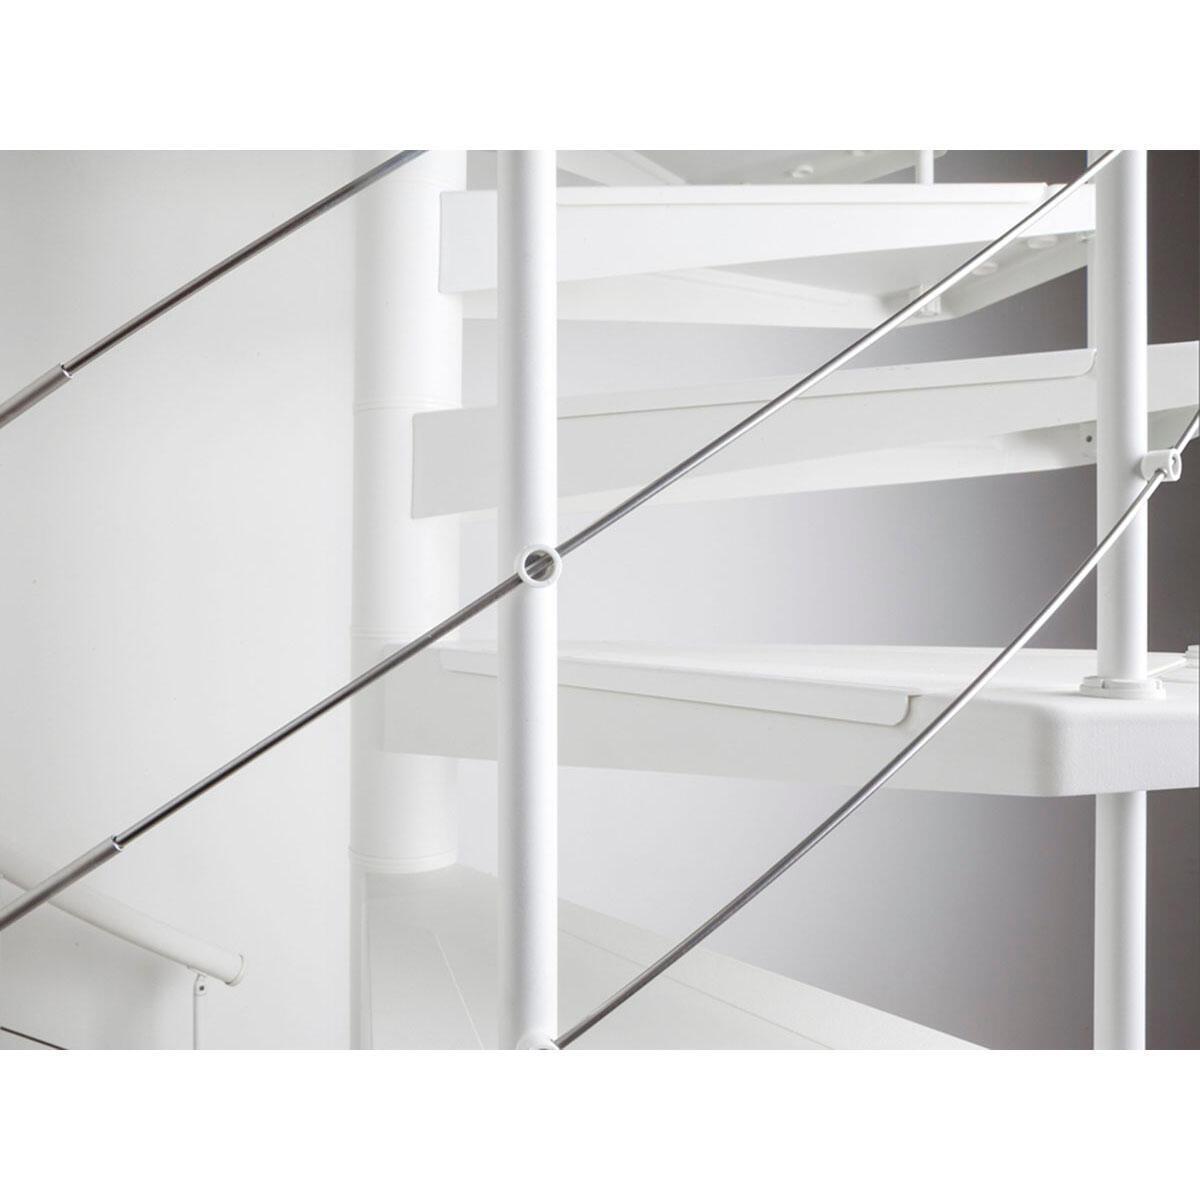 Scala a chiocciola tonda Gexi FONTANOT L 160 cm, gradino bianco, struttura bianco - 9